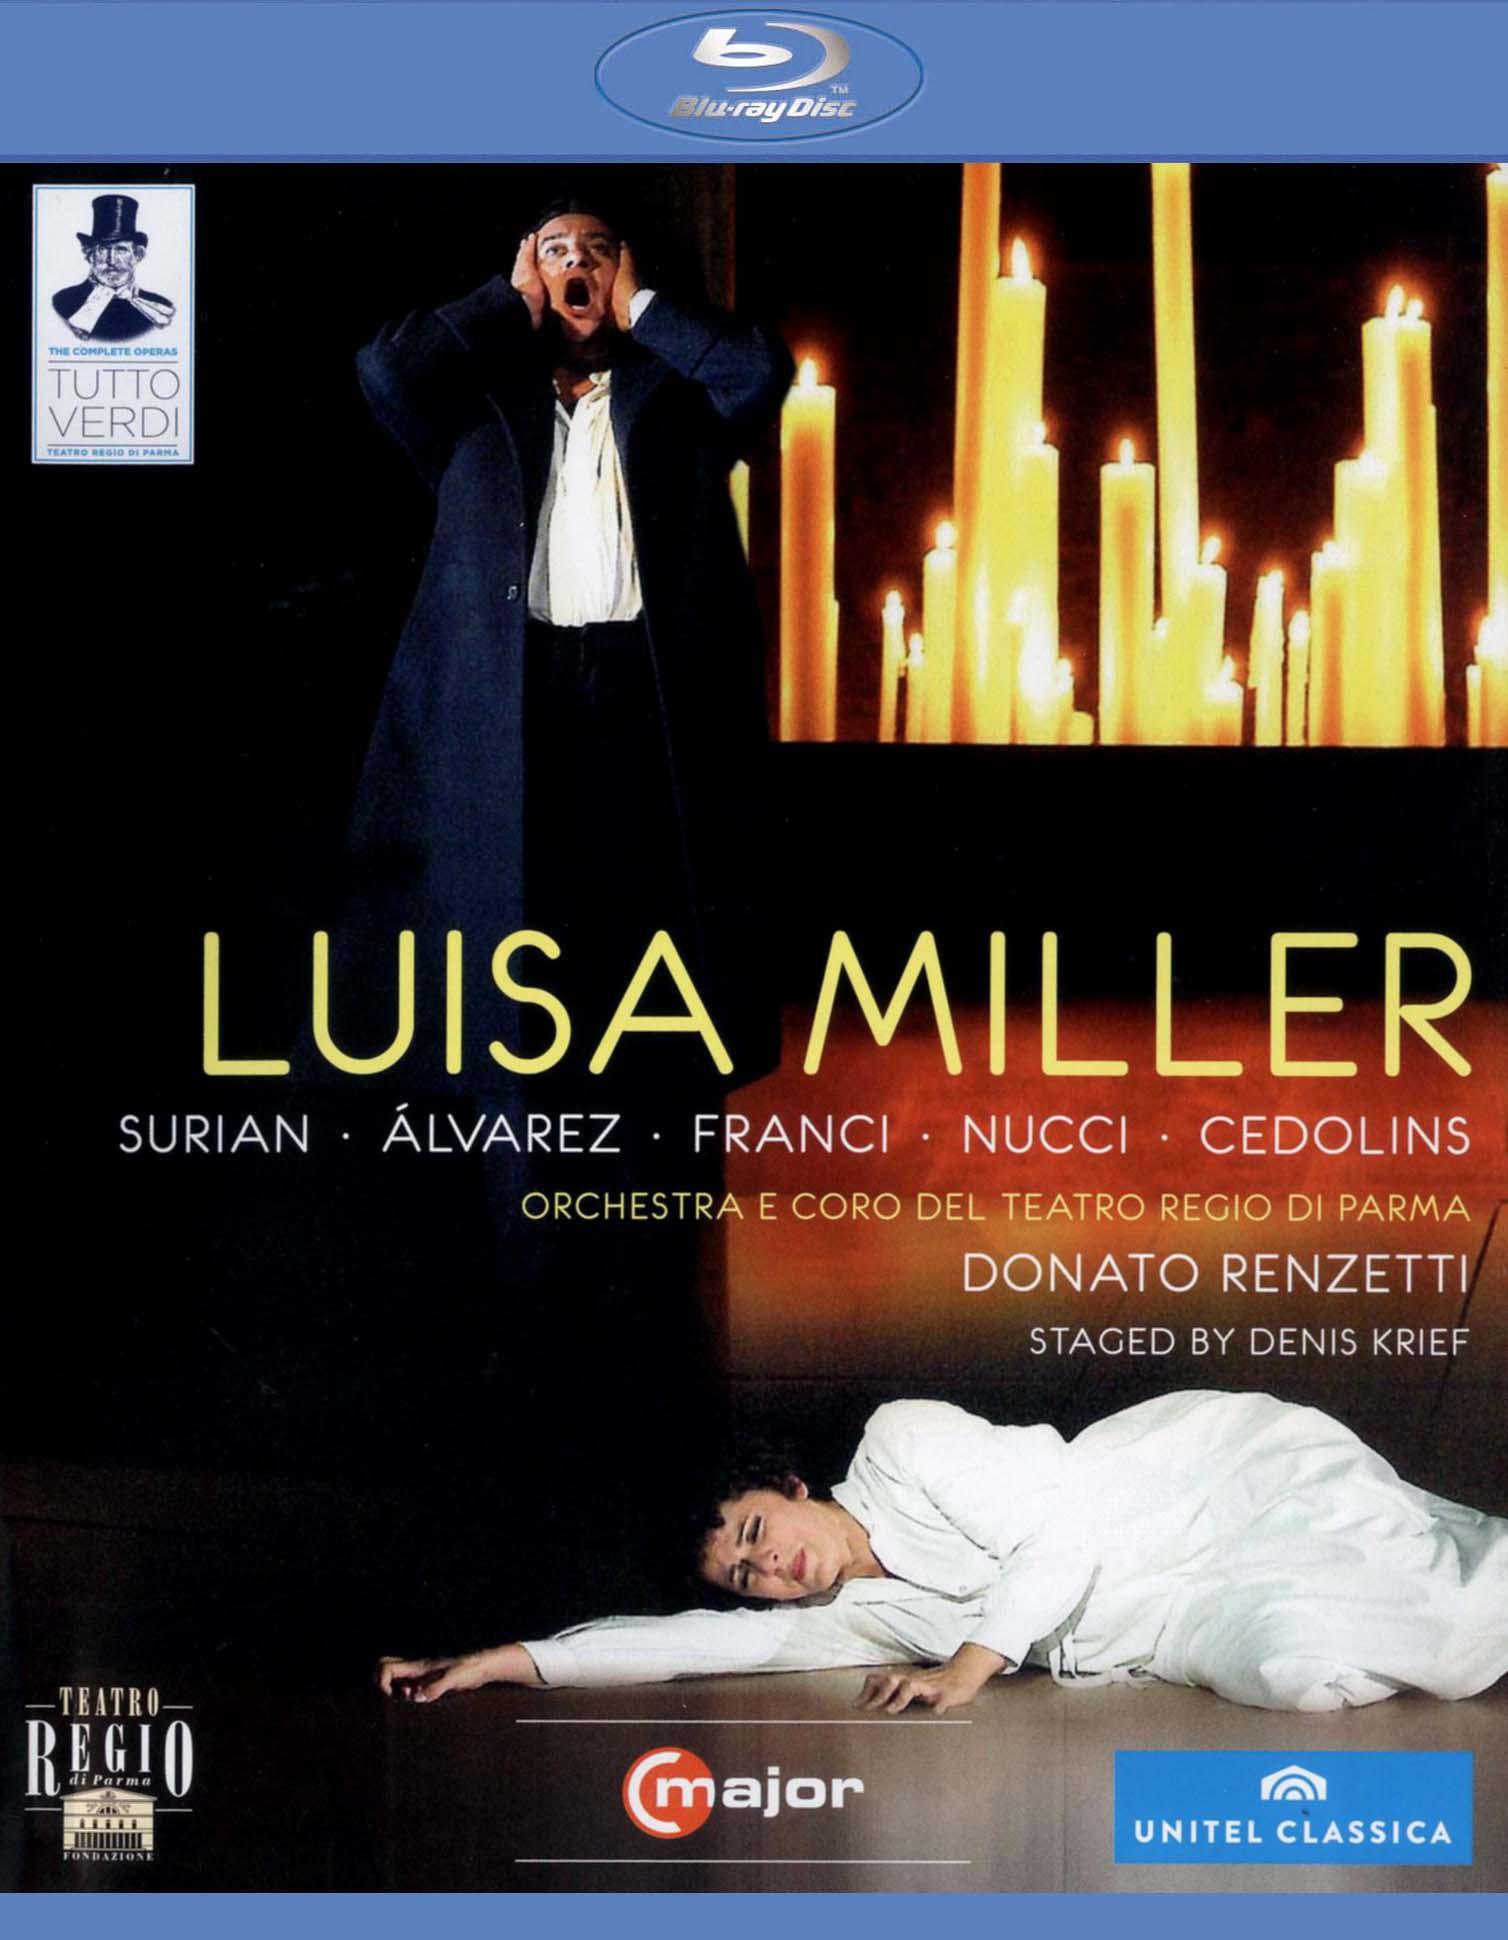 Luisa Miller (Teatro Regio di Parma)